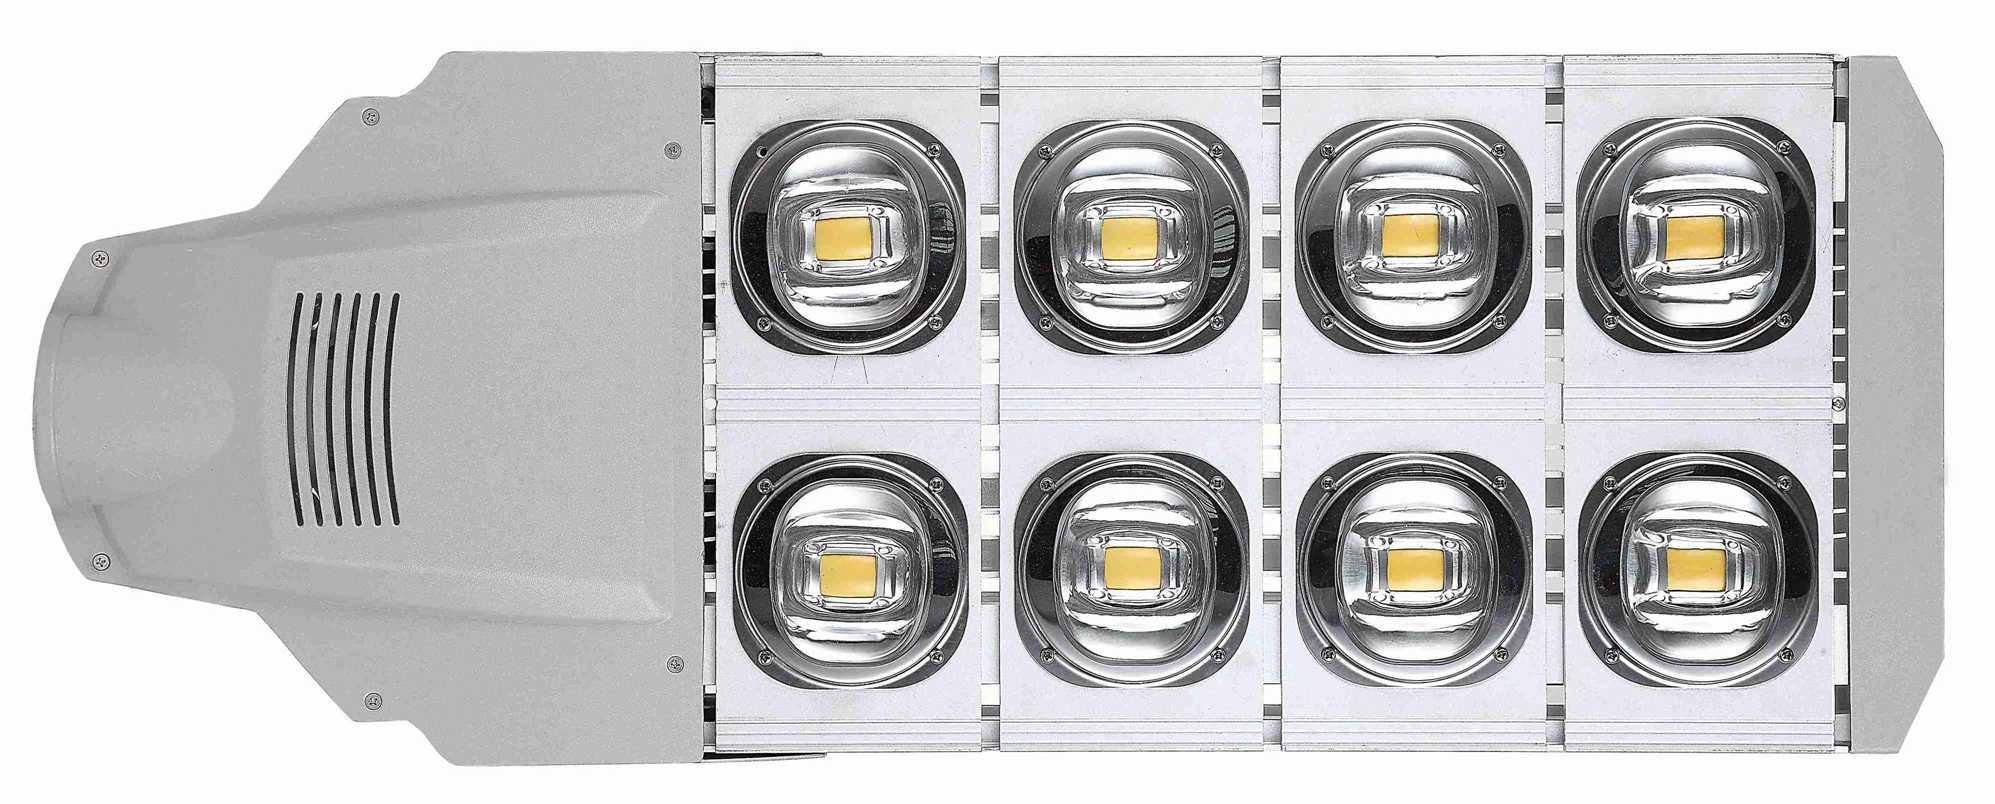 公共智能照明工程-高质量的智能照明系统出售